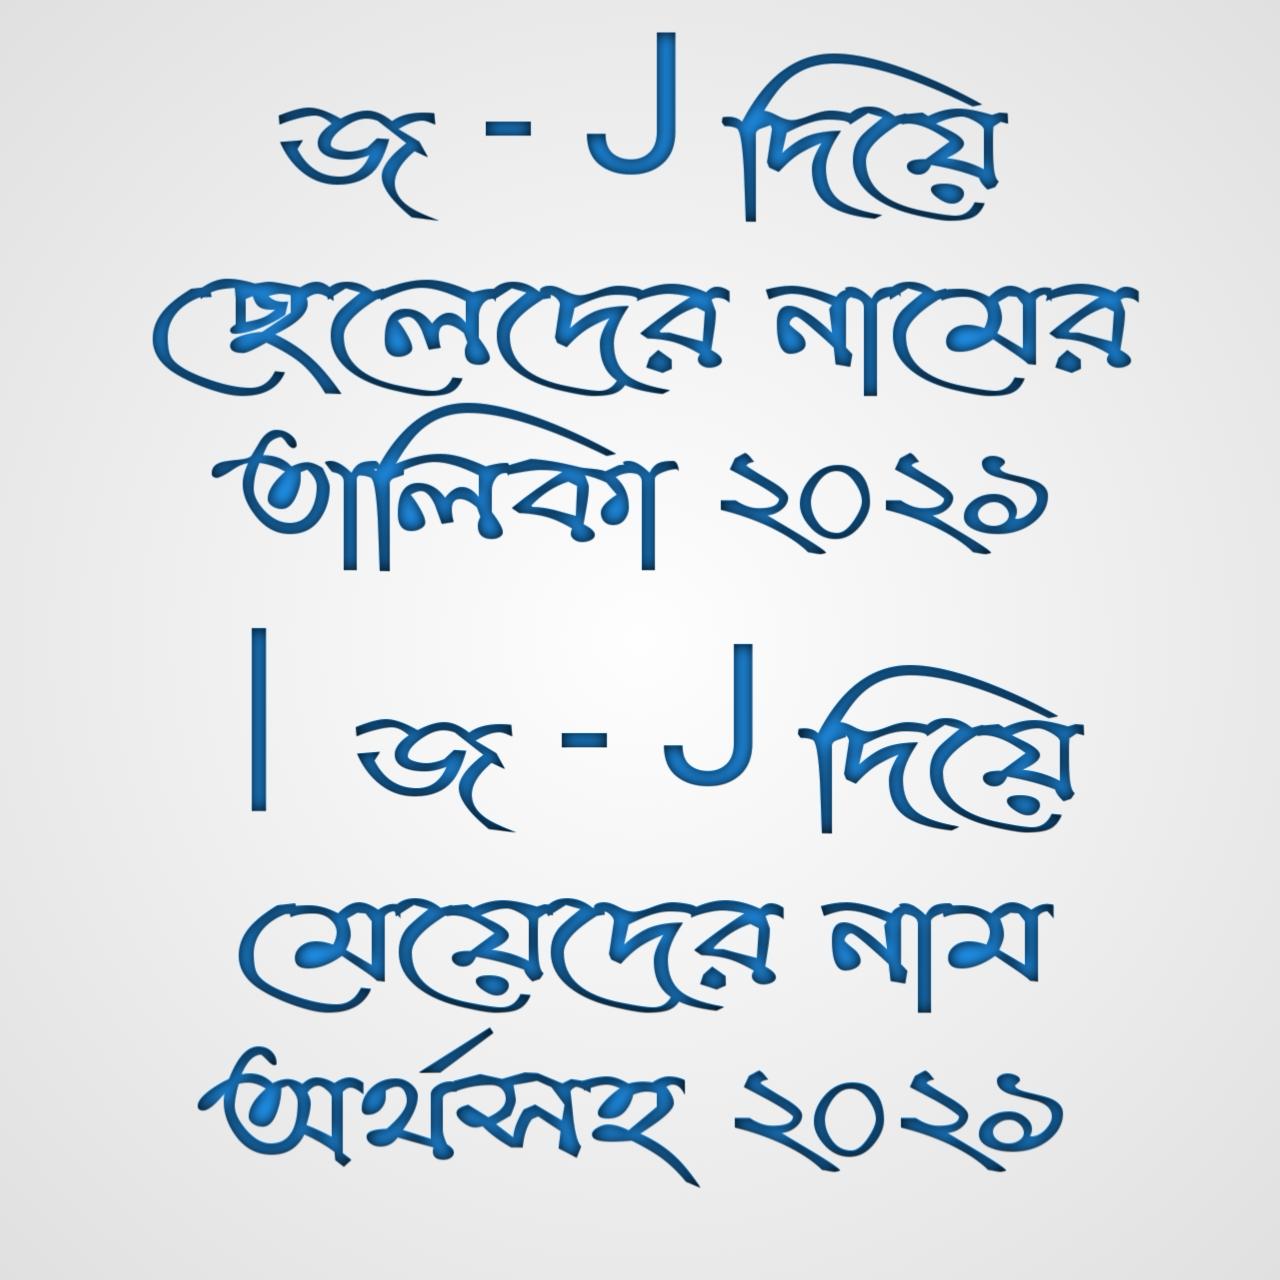 জ দিয়ে ছেলেদের নামের তালিকা, জ দিয়ে ছেলেদের ইসলামিক নাম, জ দিয়ে মেয়ে শিশুর নাম, জ দিয়ে মেয়েদের নাম অর্থসহ, জ অক্ষর দিয়ে মেয়েদের নাম,